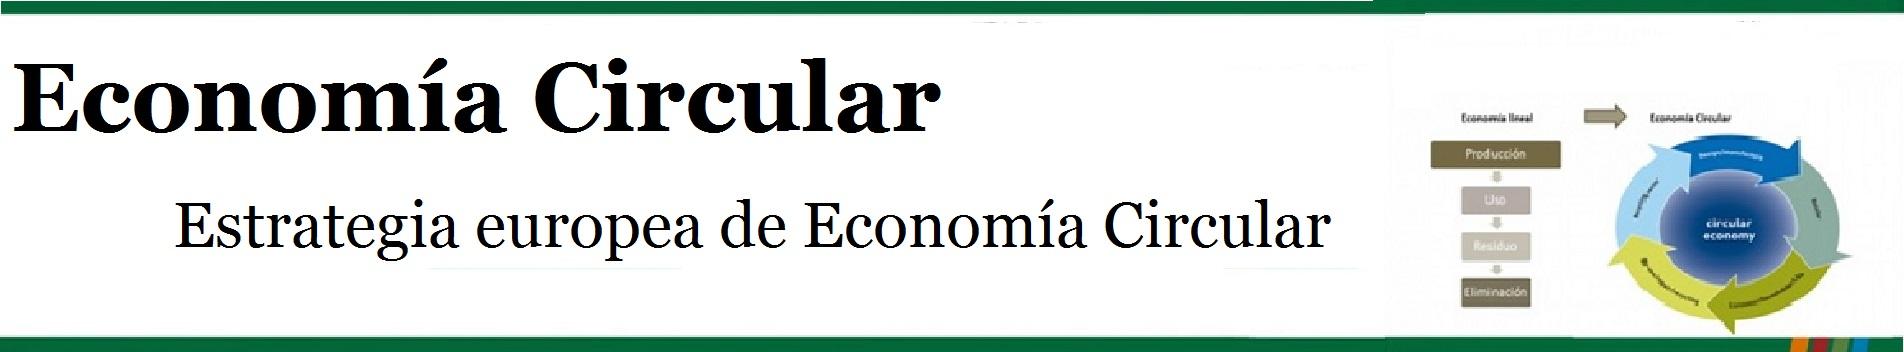 Los Plásticos BioCom en la Economía Circular